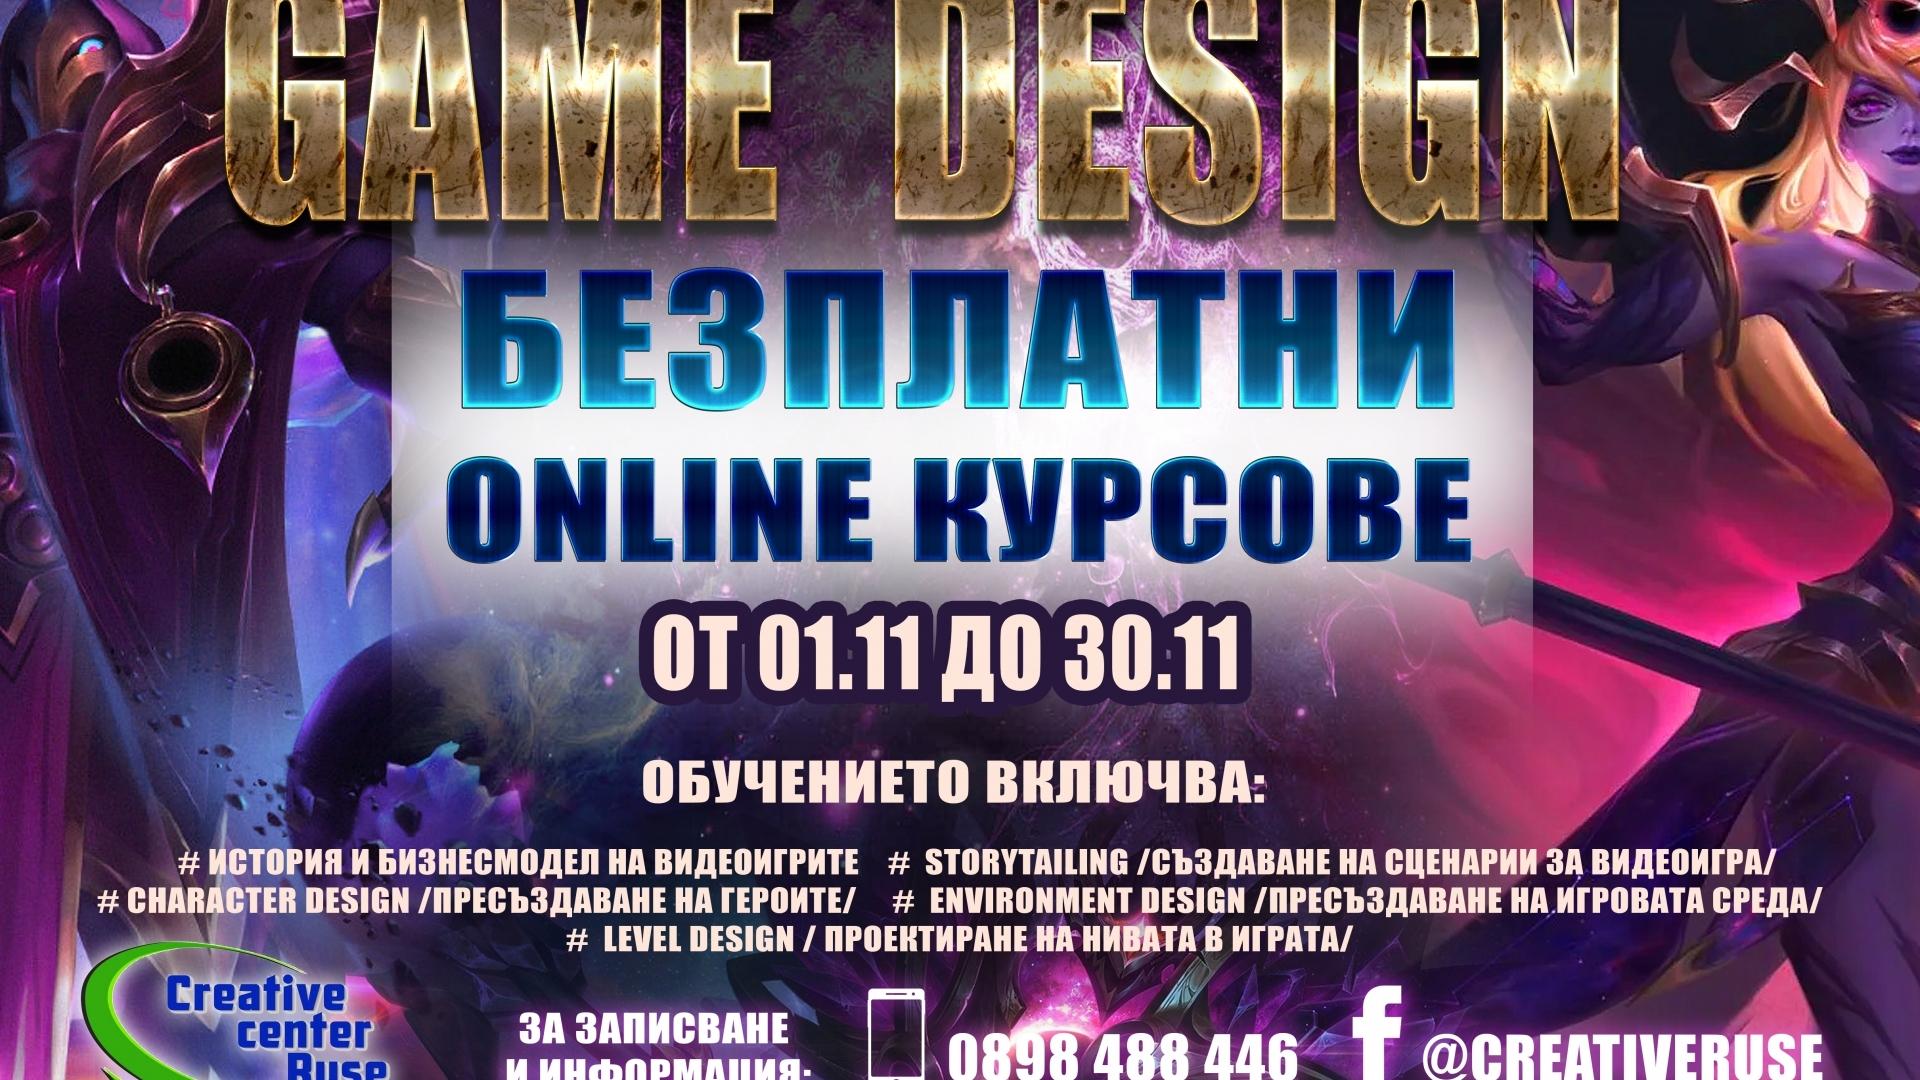 Креативен Център Русе стартира безплатен онлайн курс по GAME DESIGN през ноември